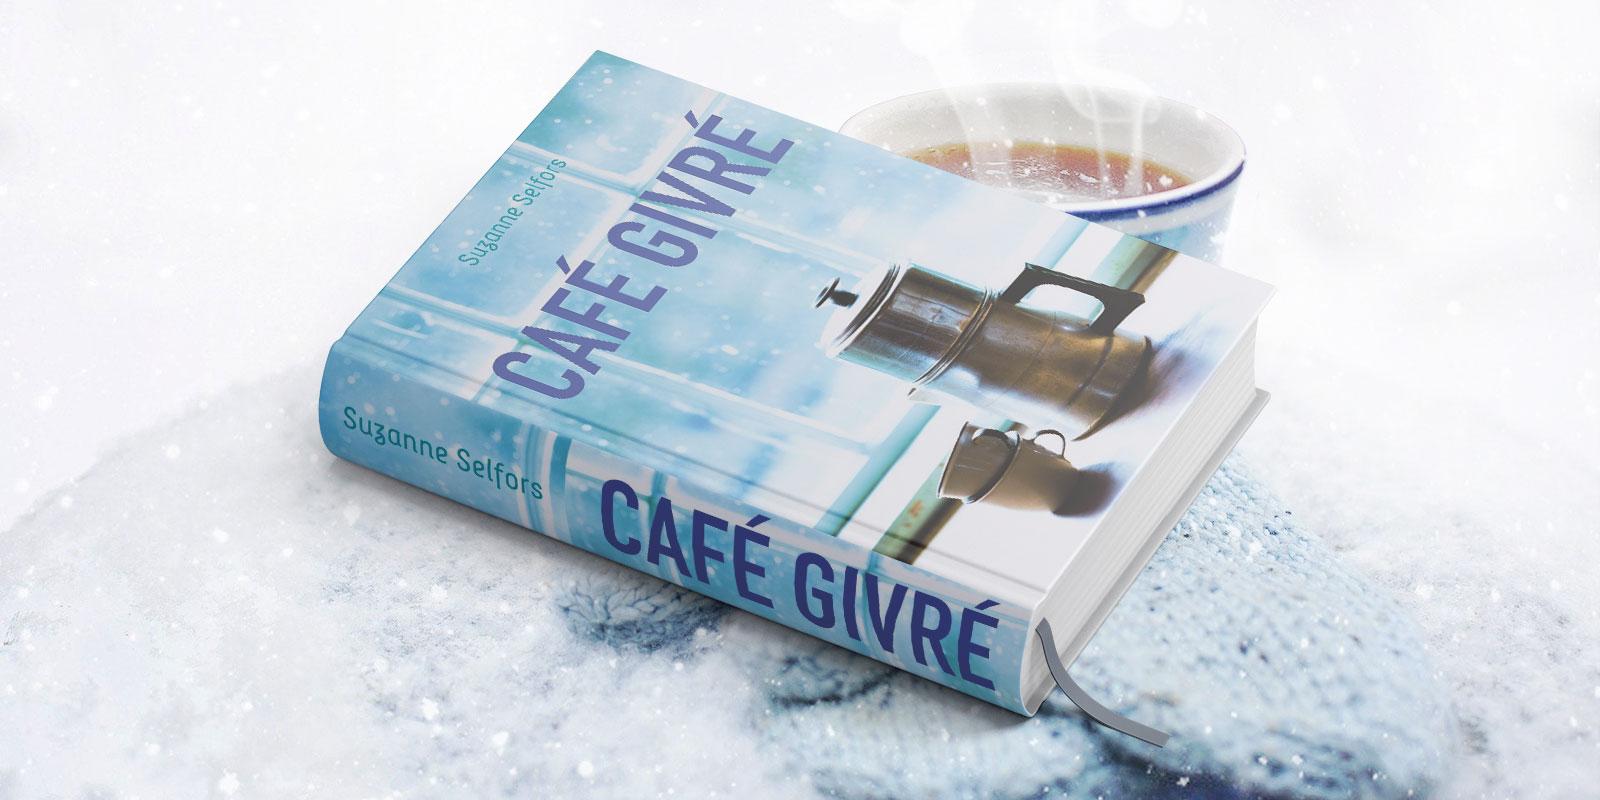 Café givré de Suzanne Selfors, croyez-vous aux signes ?